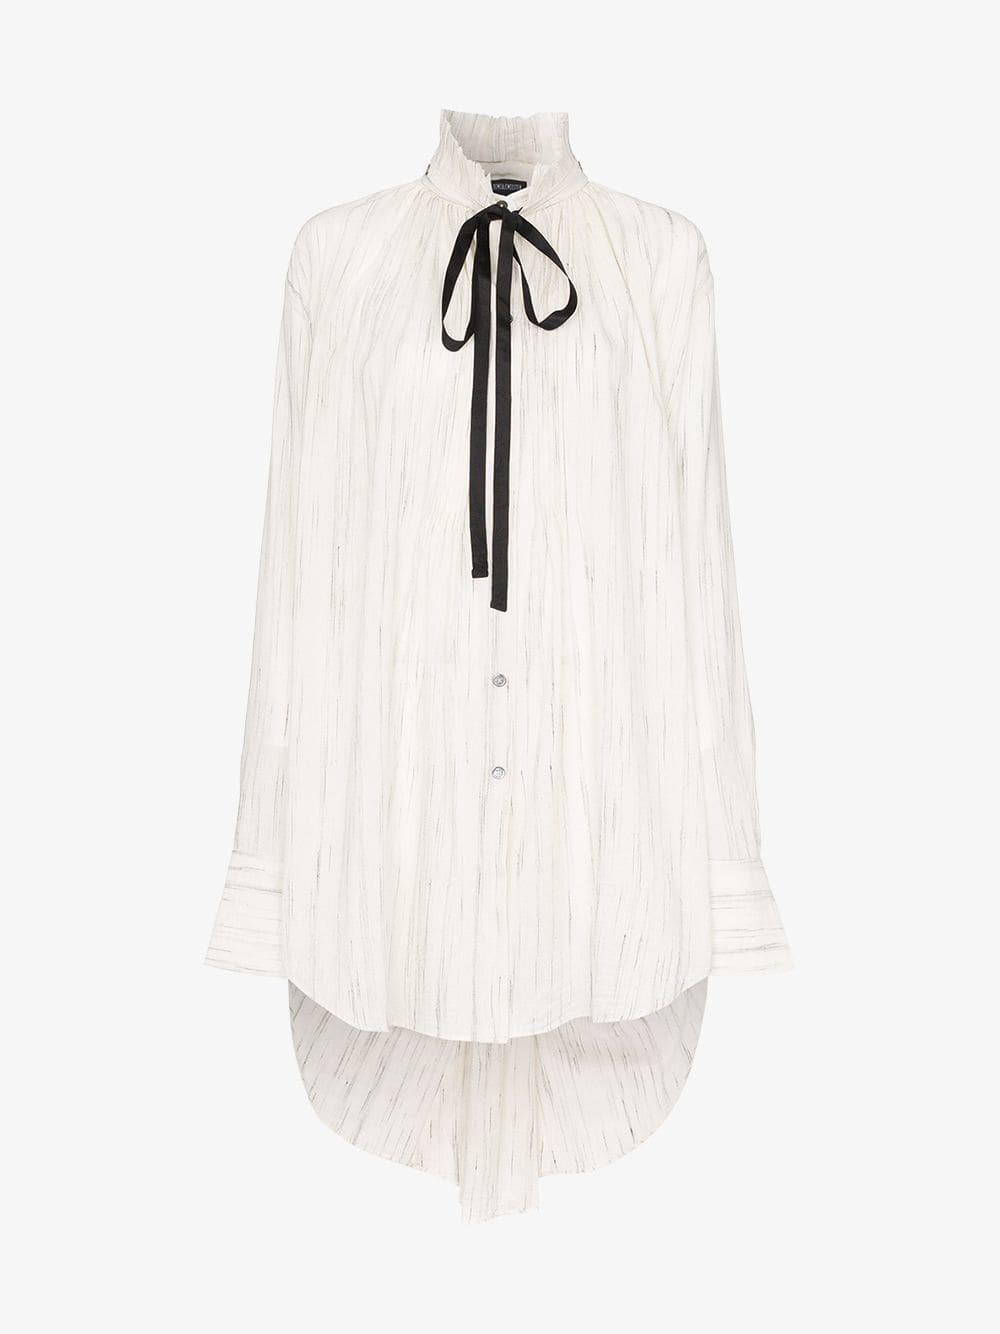 Ann Demeulemeester Ruff neck button down long back shirt in neutrals